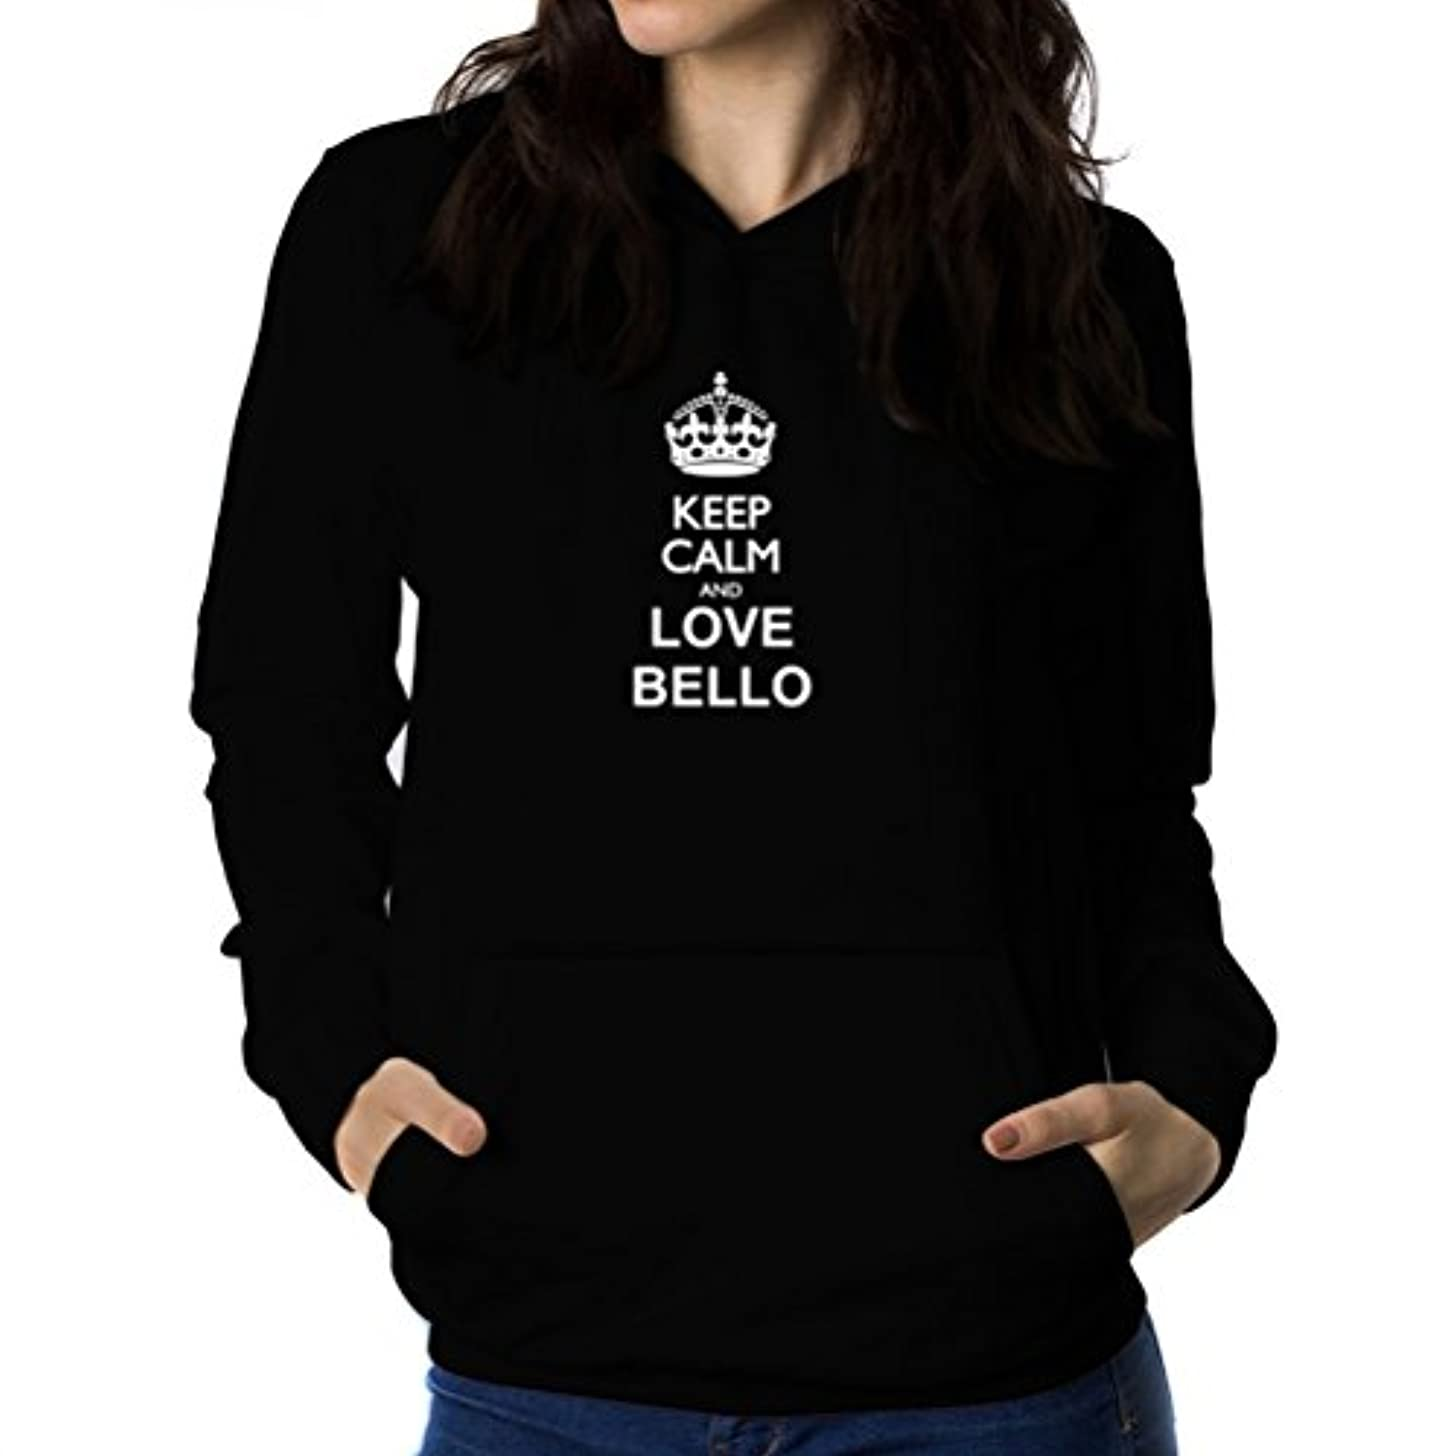 マラドロイト虚偽リハーサルKeep calm and love Bello 女性 フーディー